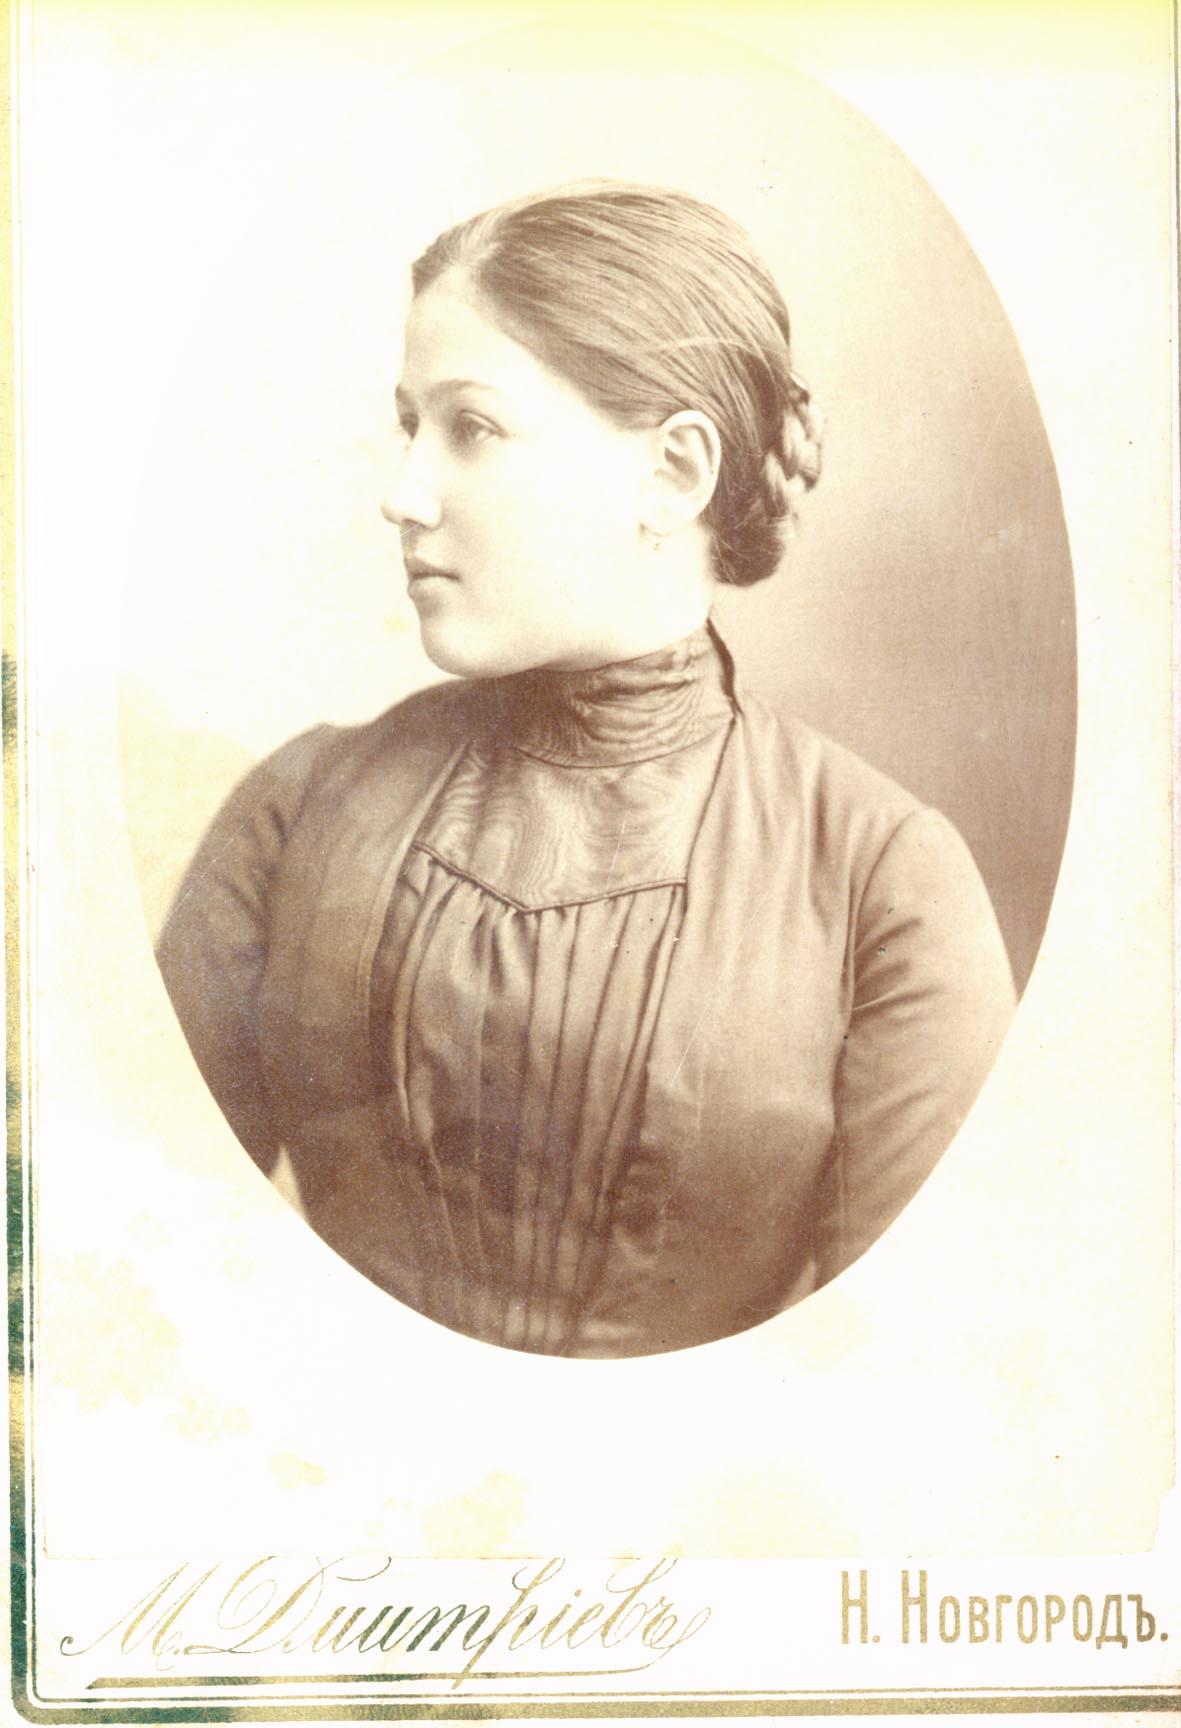 Портрет Анны Филипповны Дмитриевой, в девичестве Городецкой. 1889